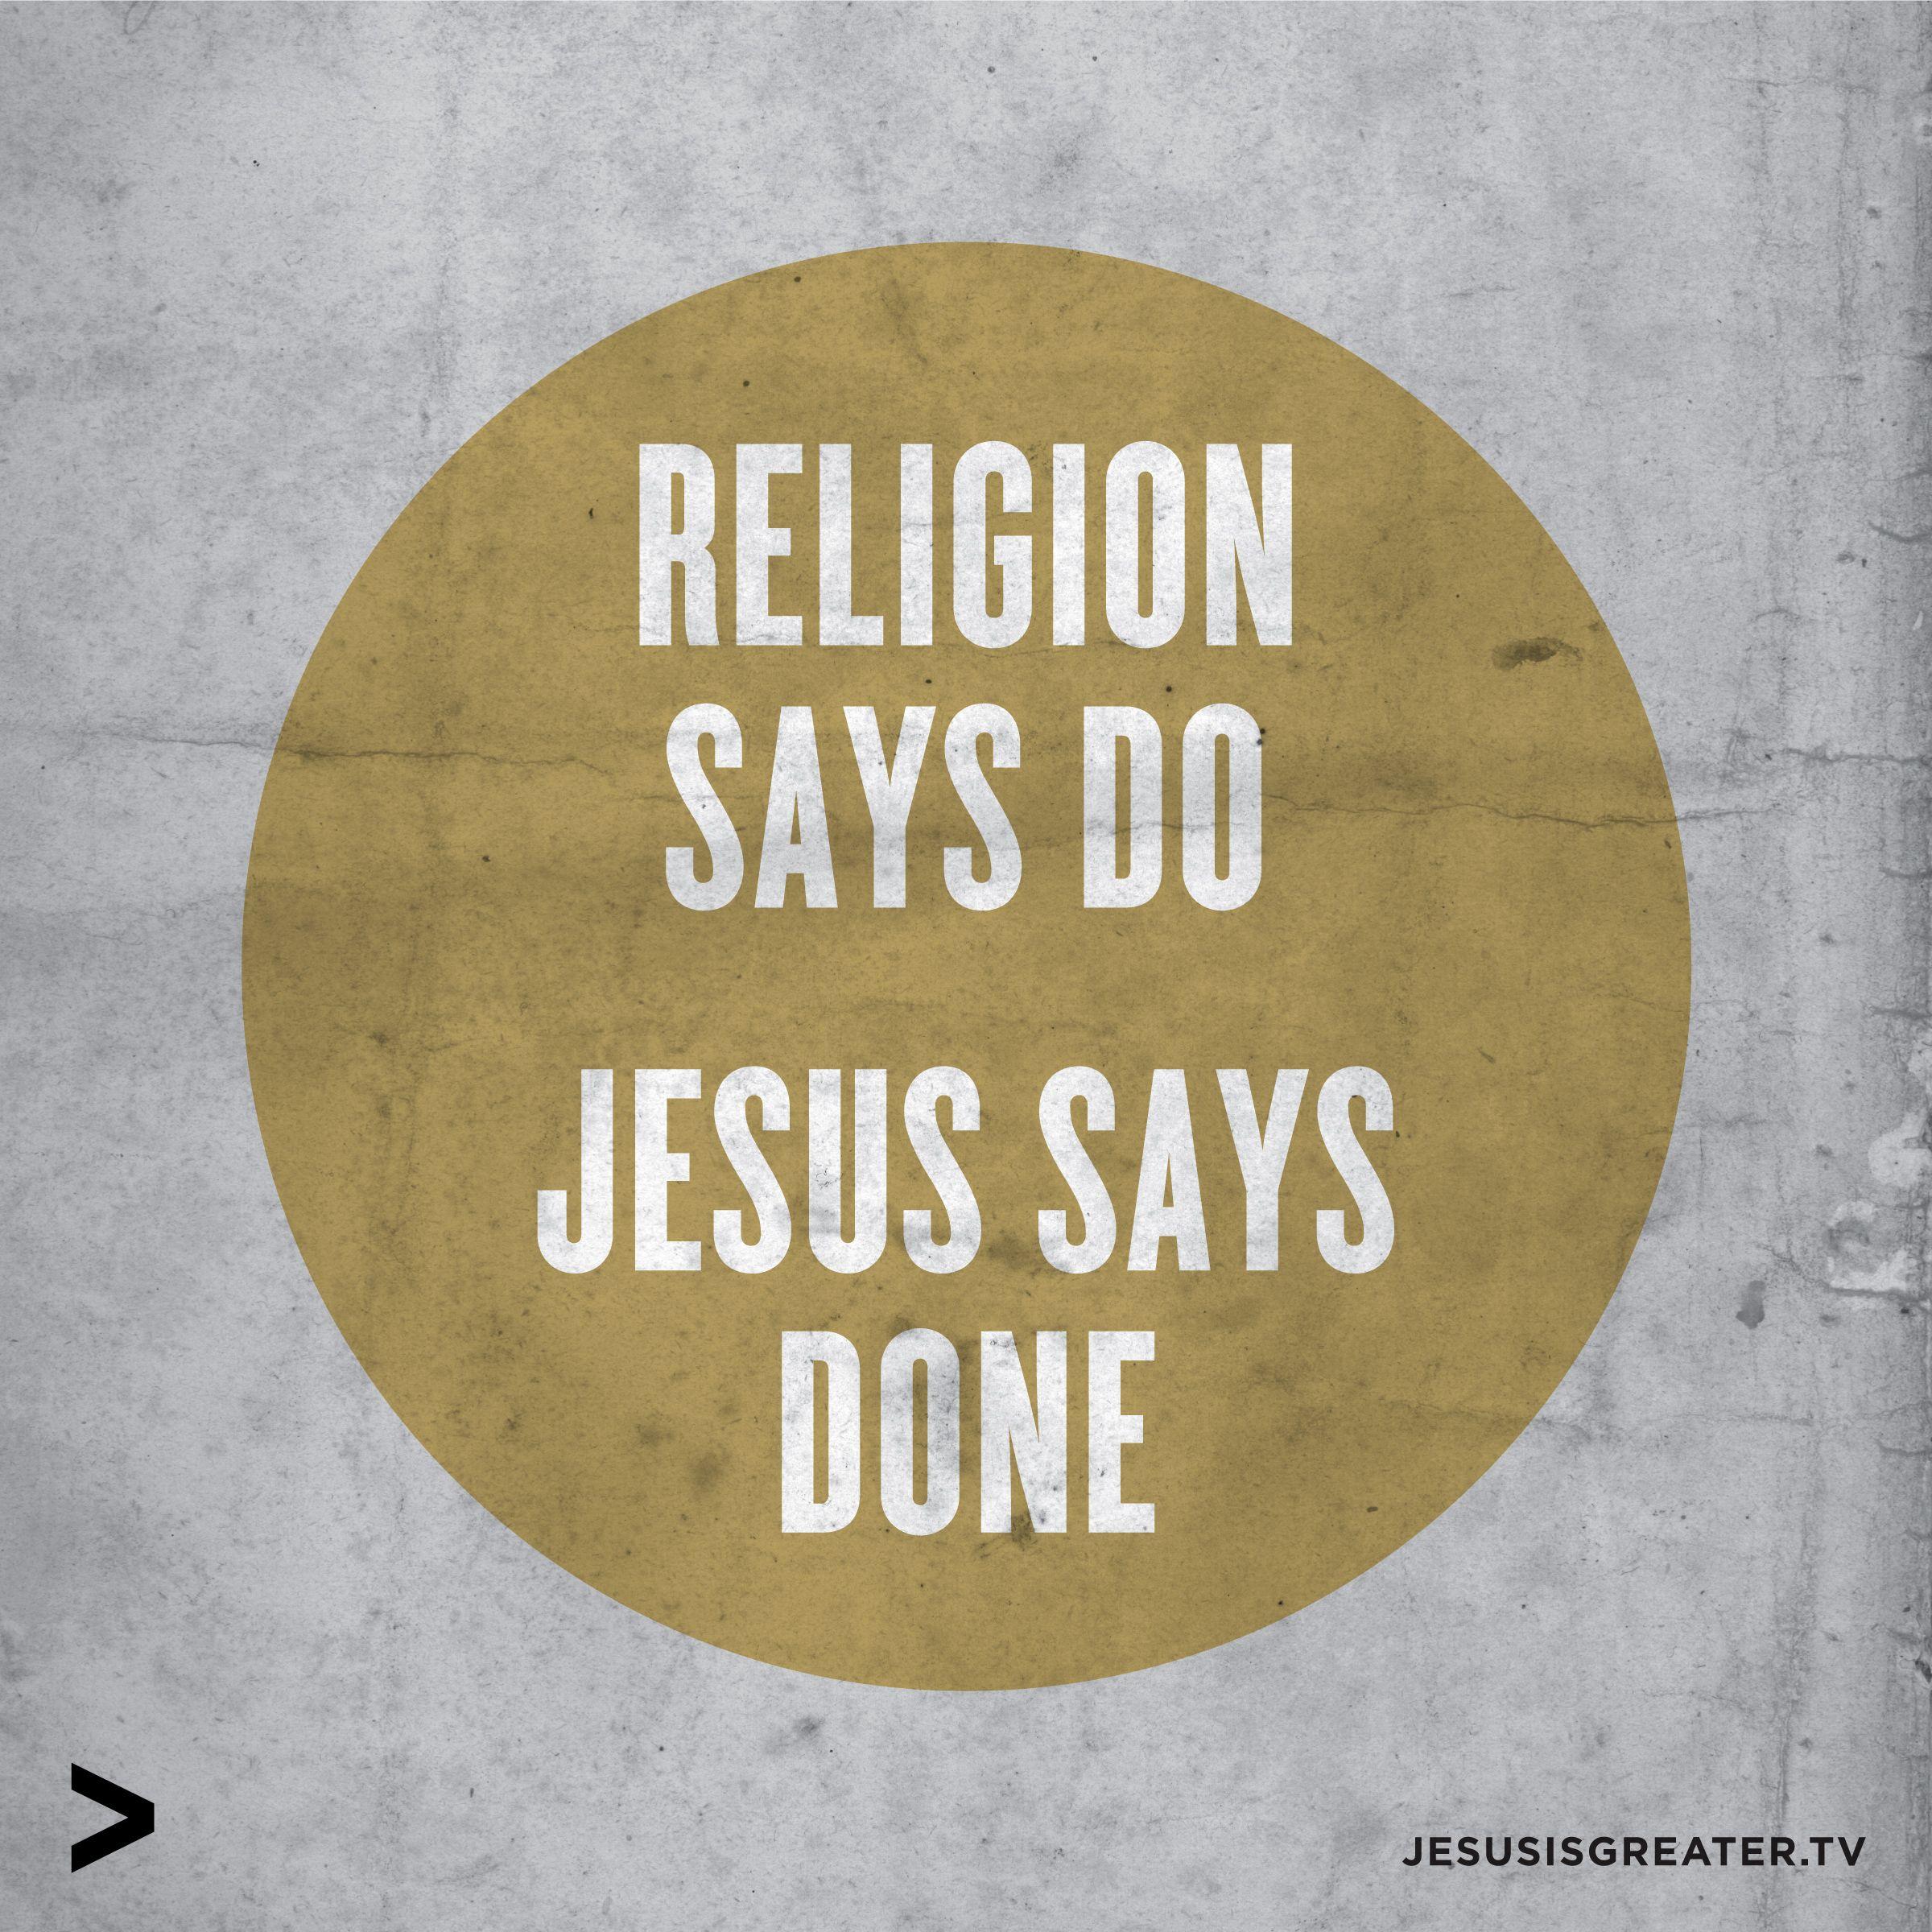 Christliches zitat über datierung